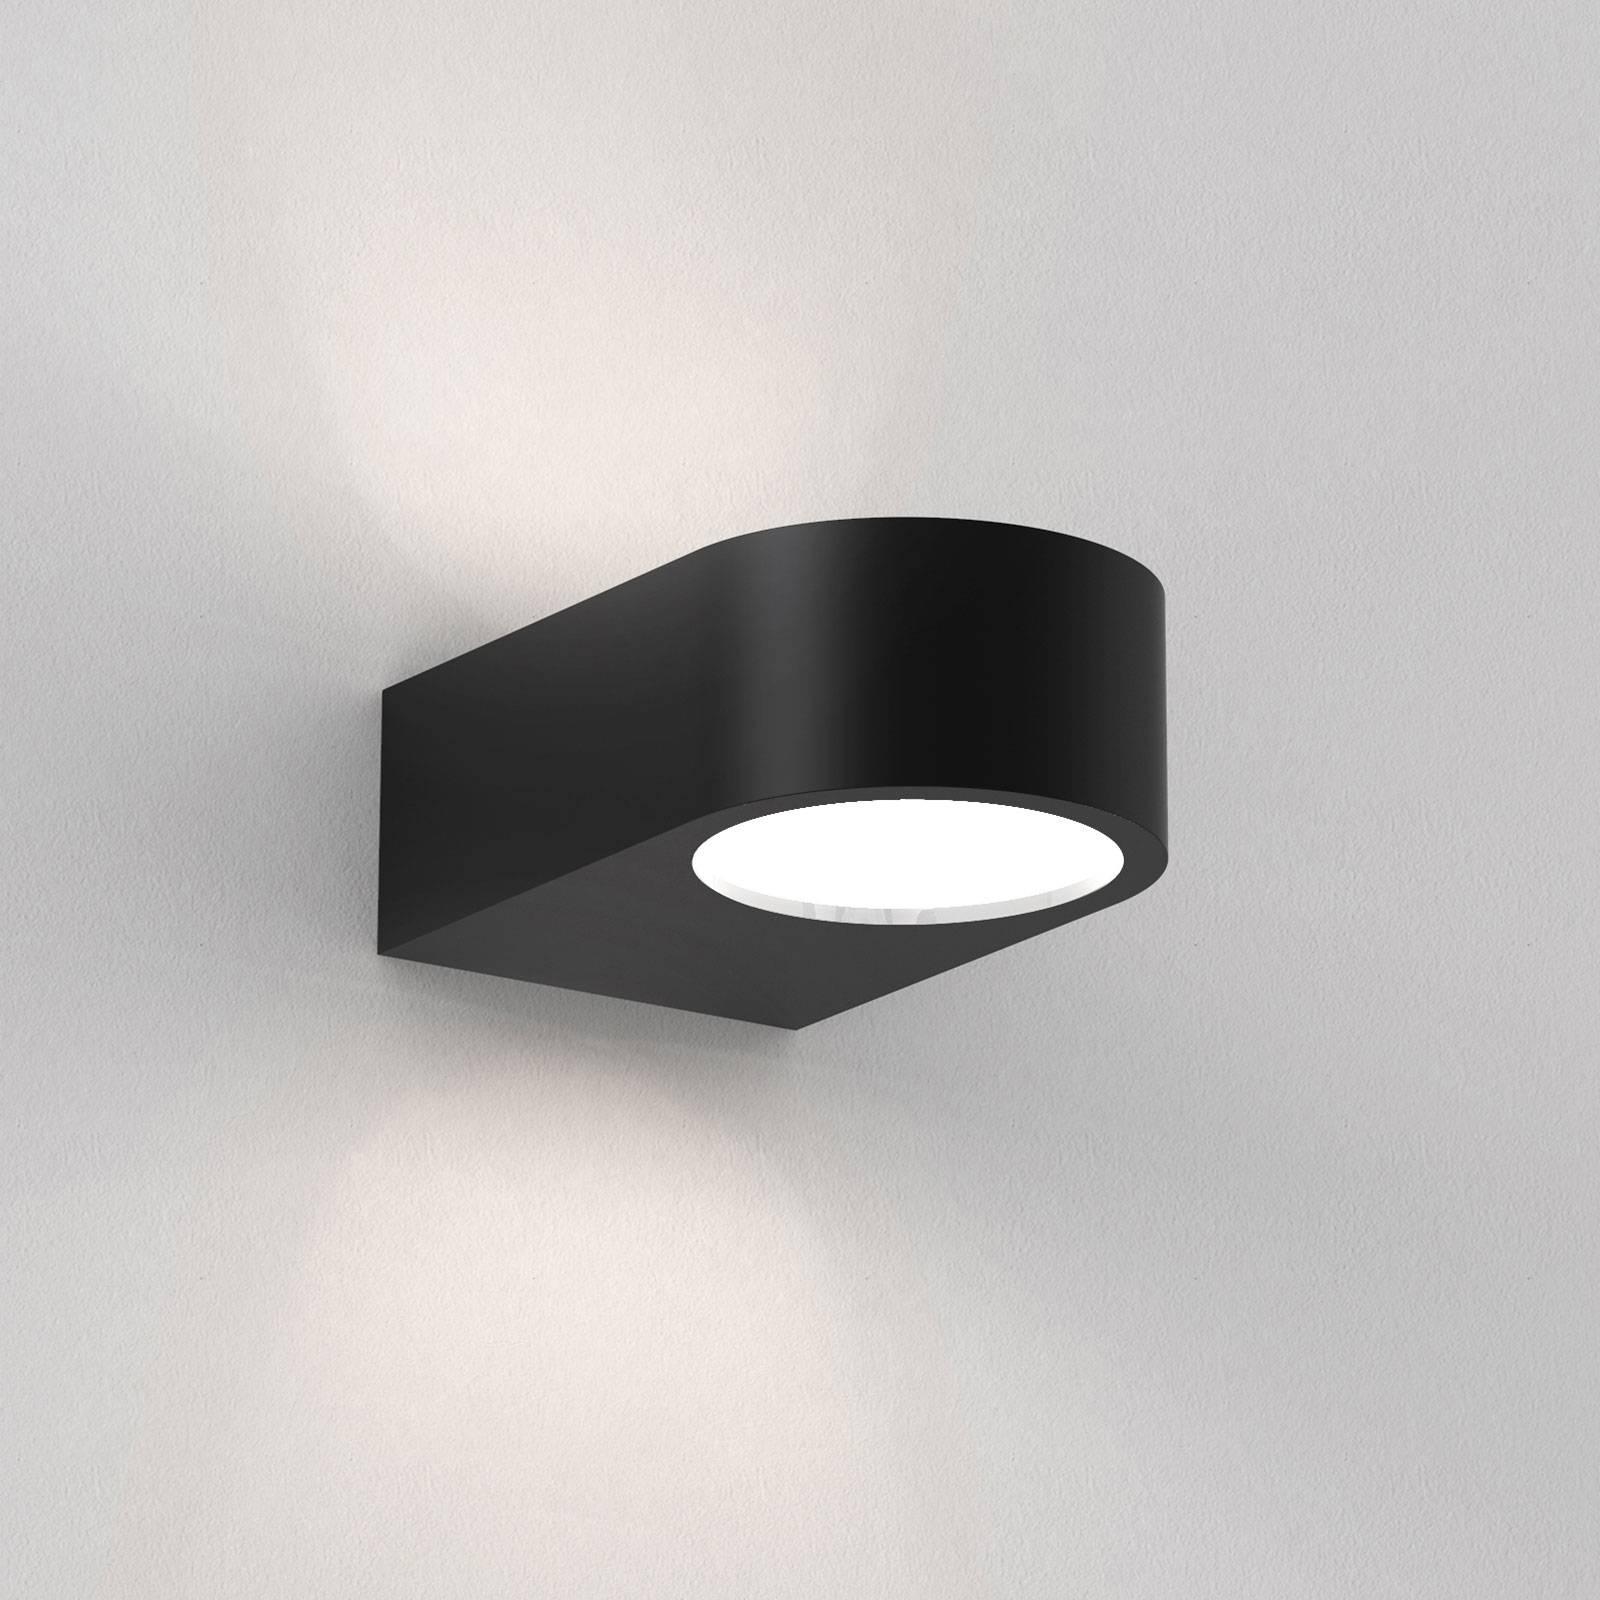 Astro Epsilon -LED-seinävalaisin up&down, musta